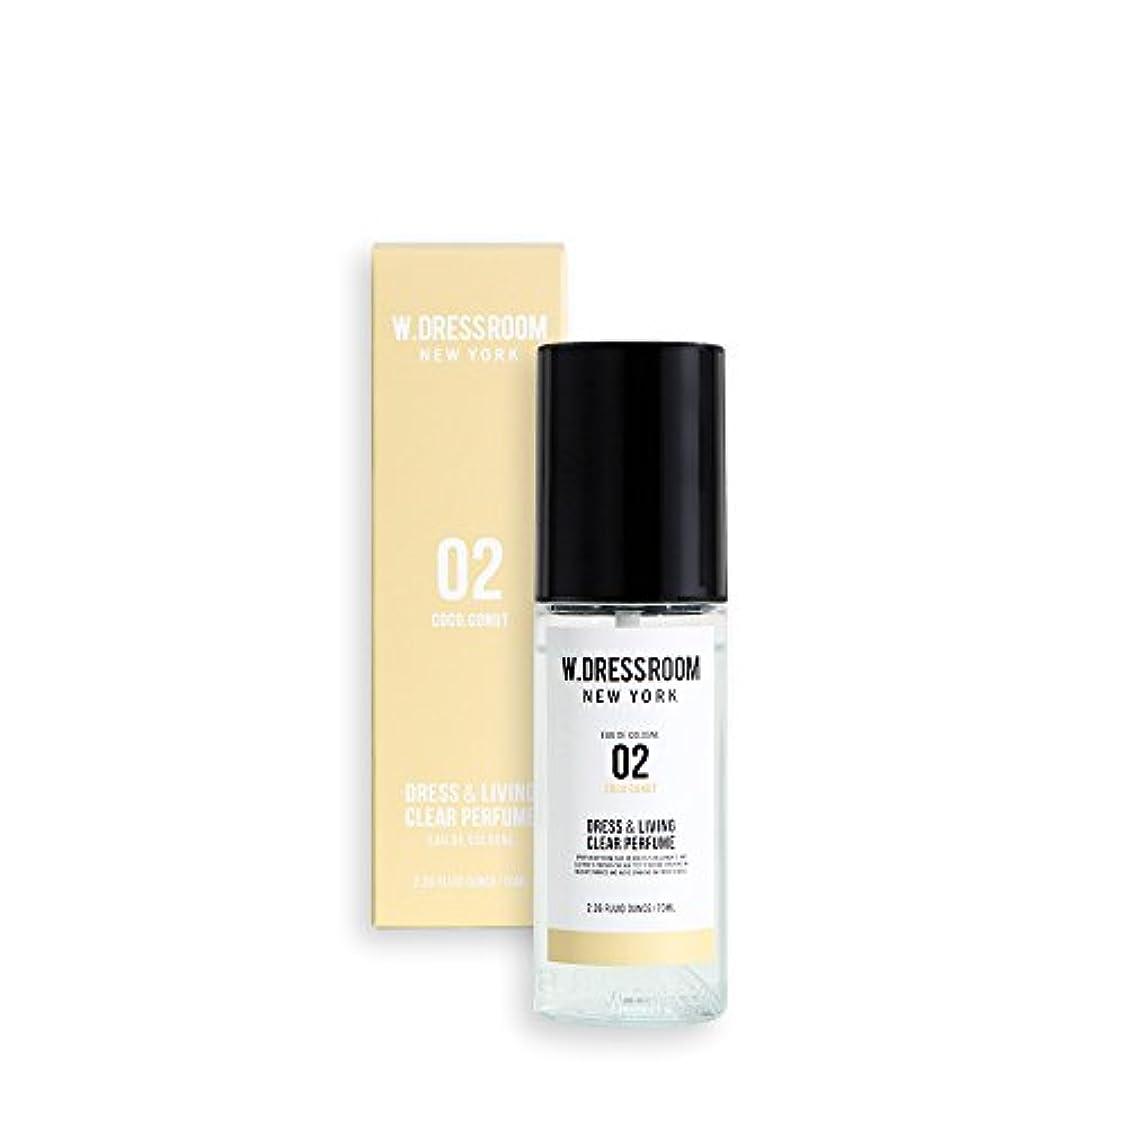 会話歌うロッカーW.DRESSROOM Dress & Living Clear Perfume 70ml/ダブルドレスルーム ドレス&リビング クリア パフューム 70ml (#No.02 Coco Conut) [並行輸入品]